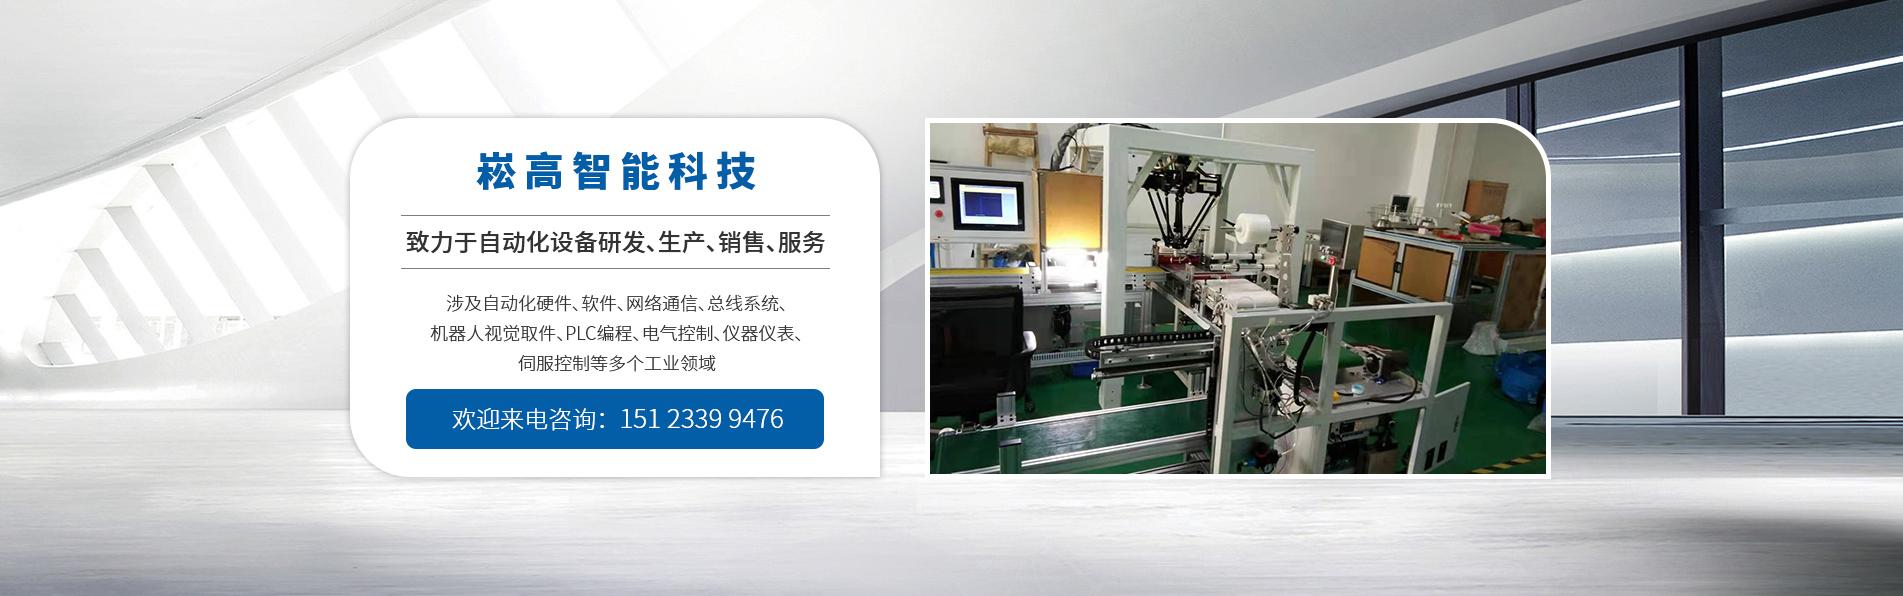 重庆智能自动化设备